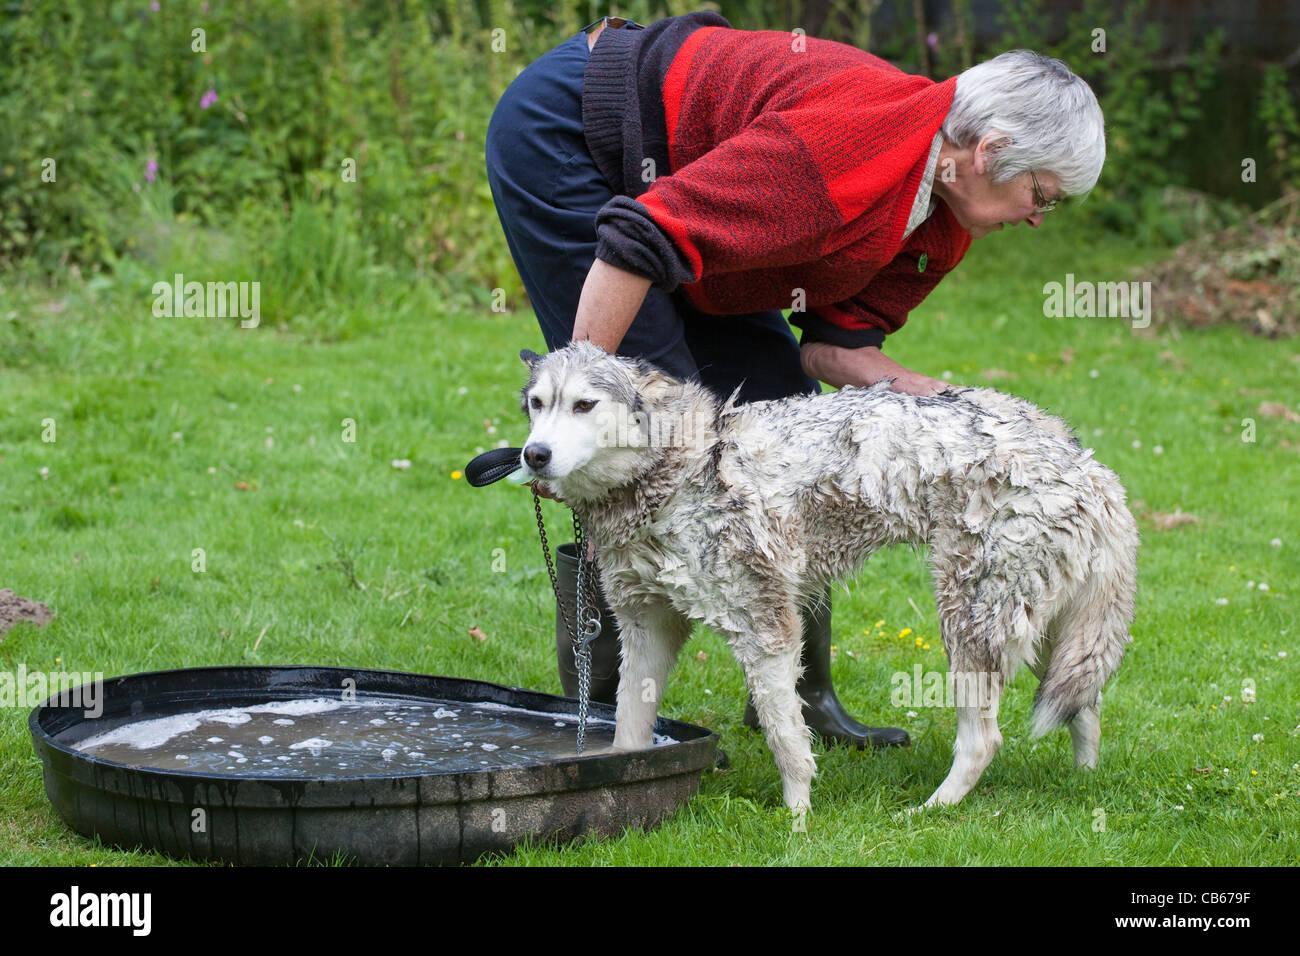 Husky Canis lupus familiaris During Coat wash, close scrutiny for external parasites; deer, sheep ticks Ixodes sp. - Stock Image